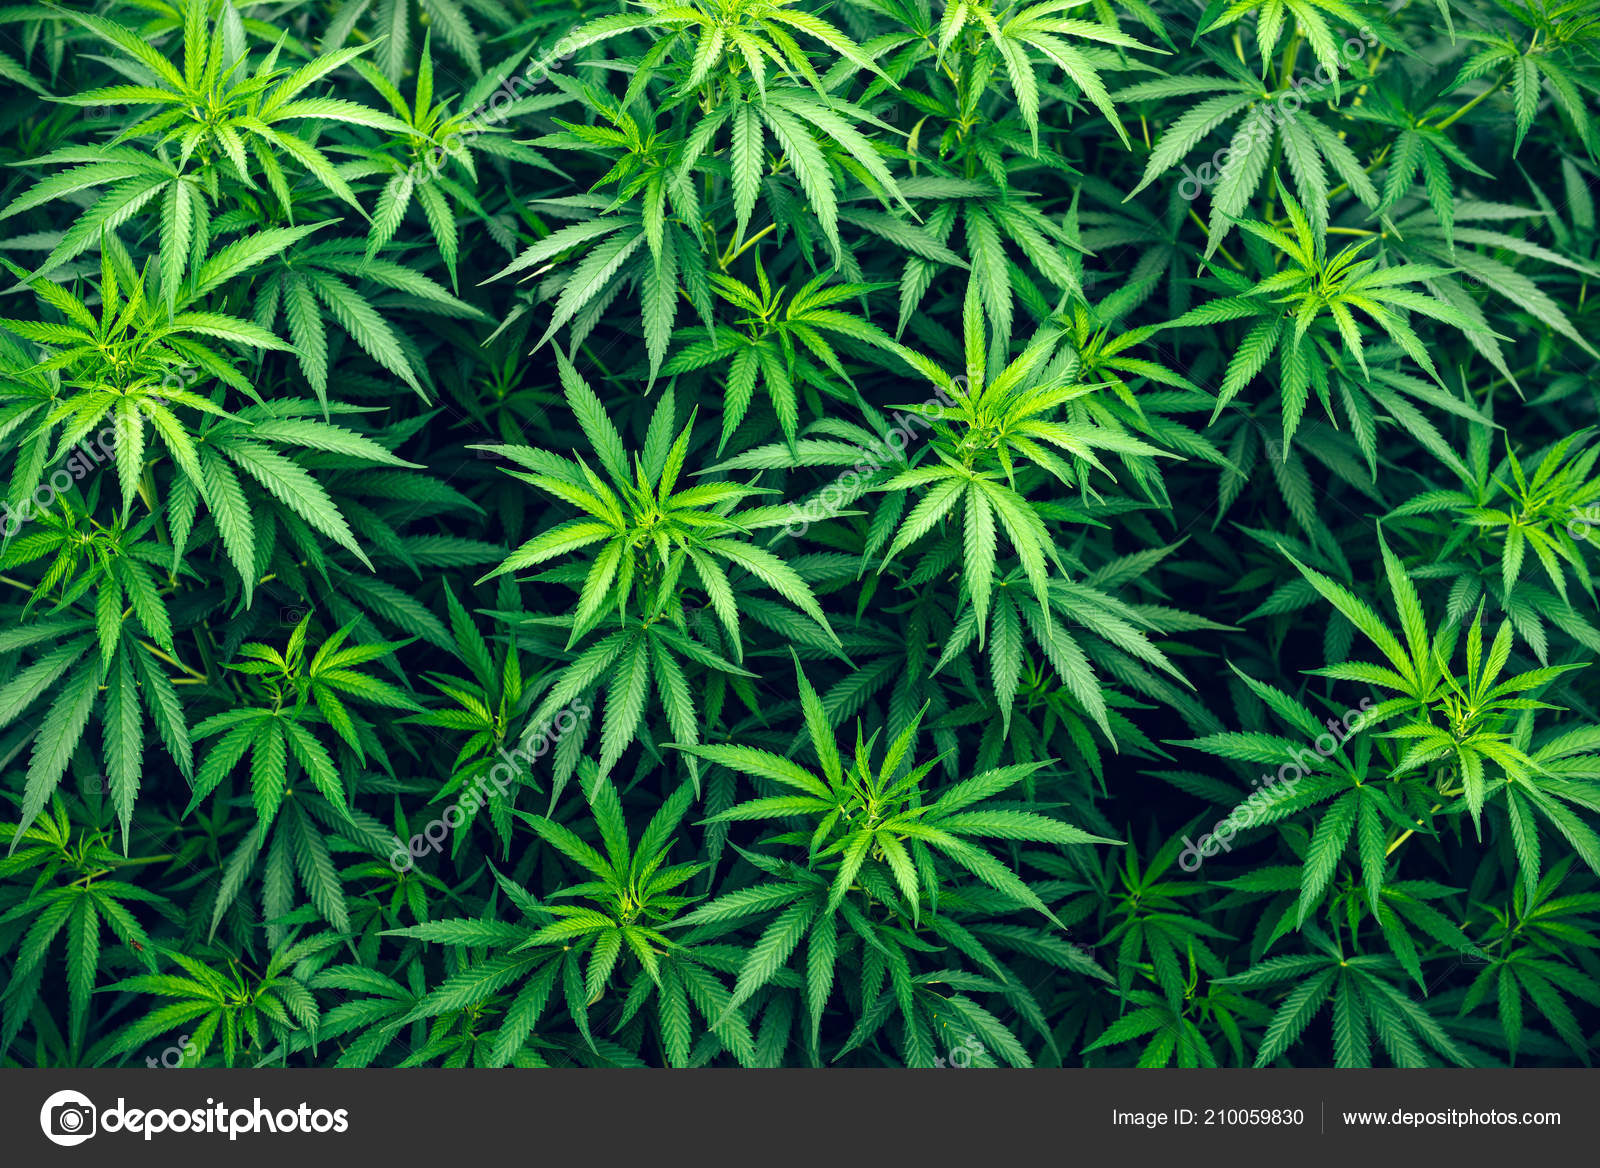 Фото обои с коноплей вы долго курите марихуану